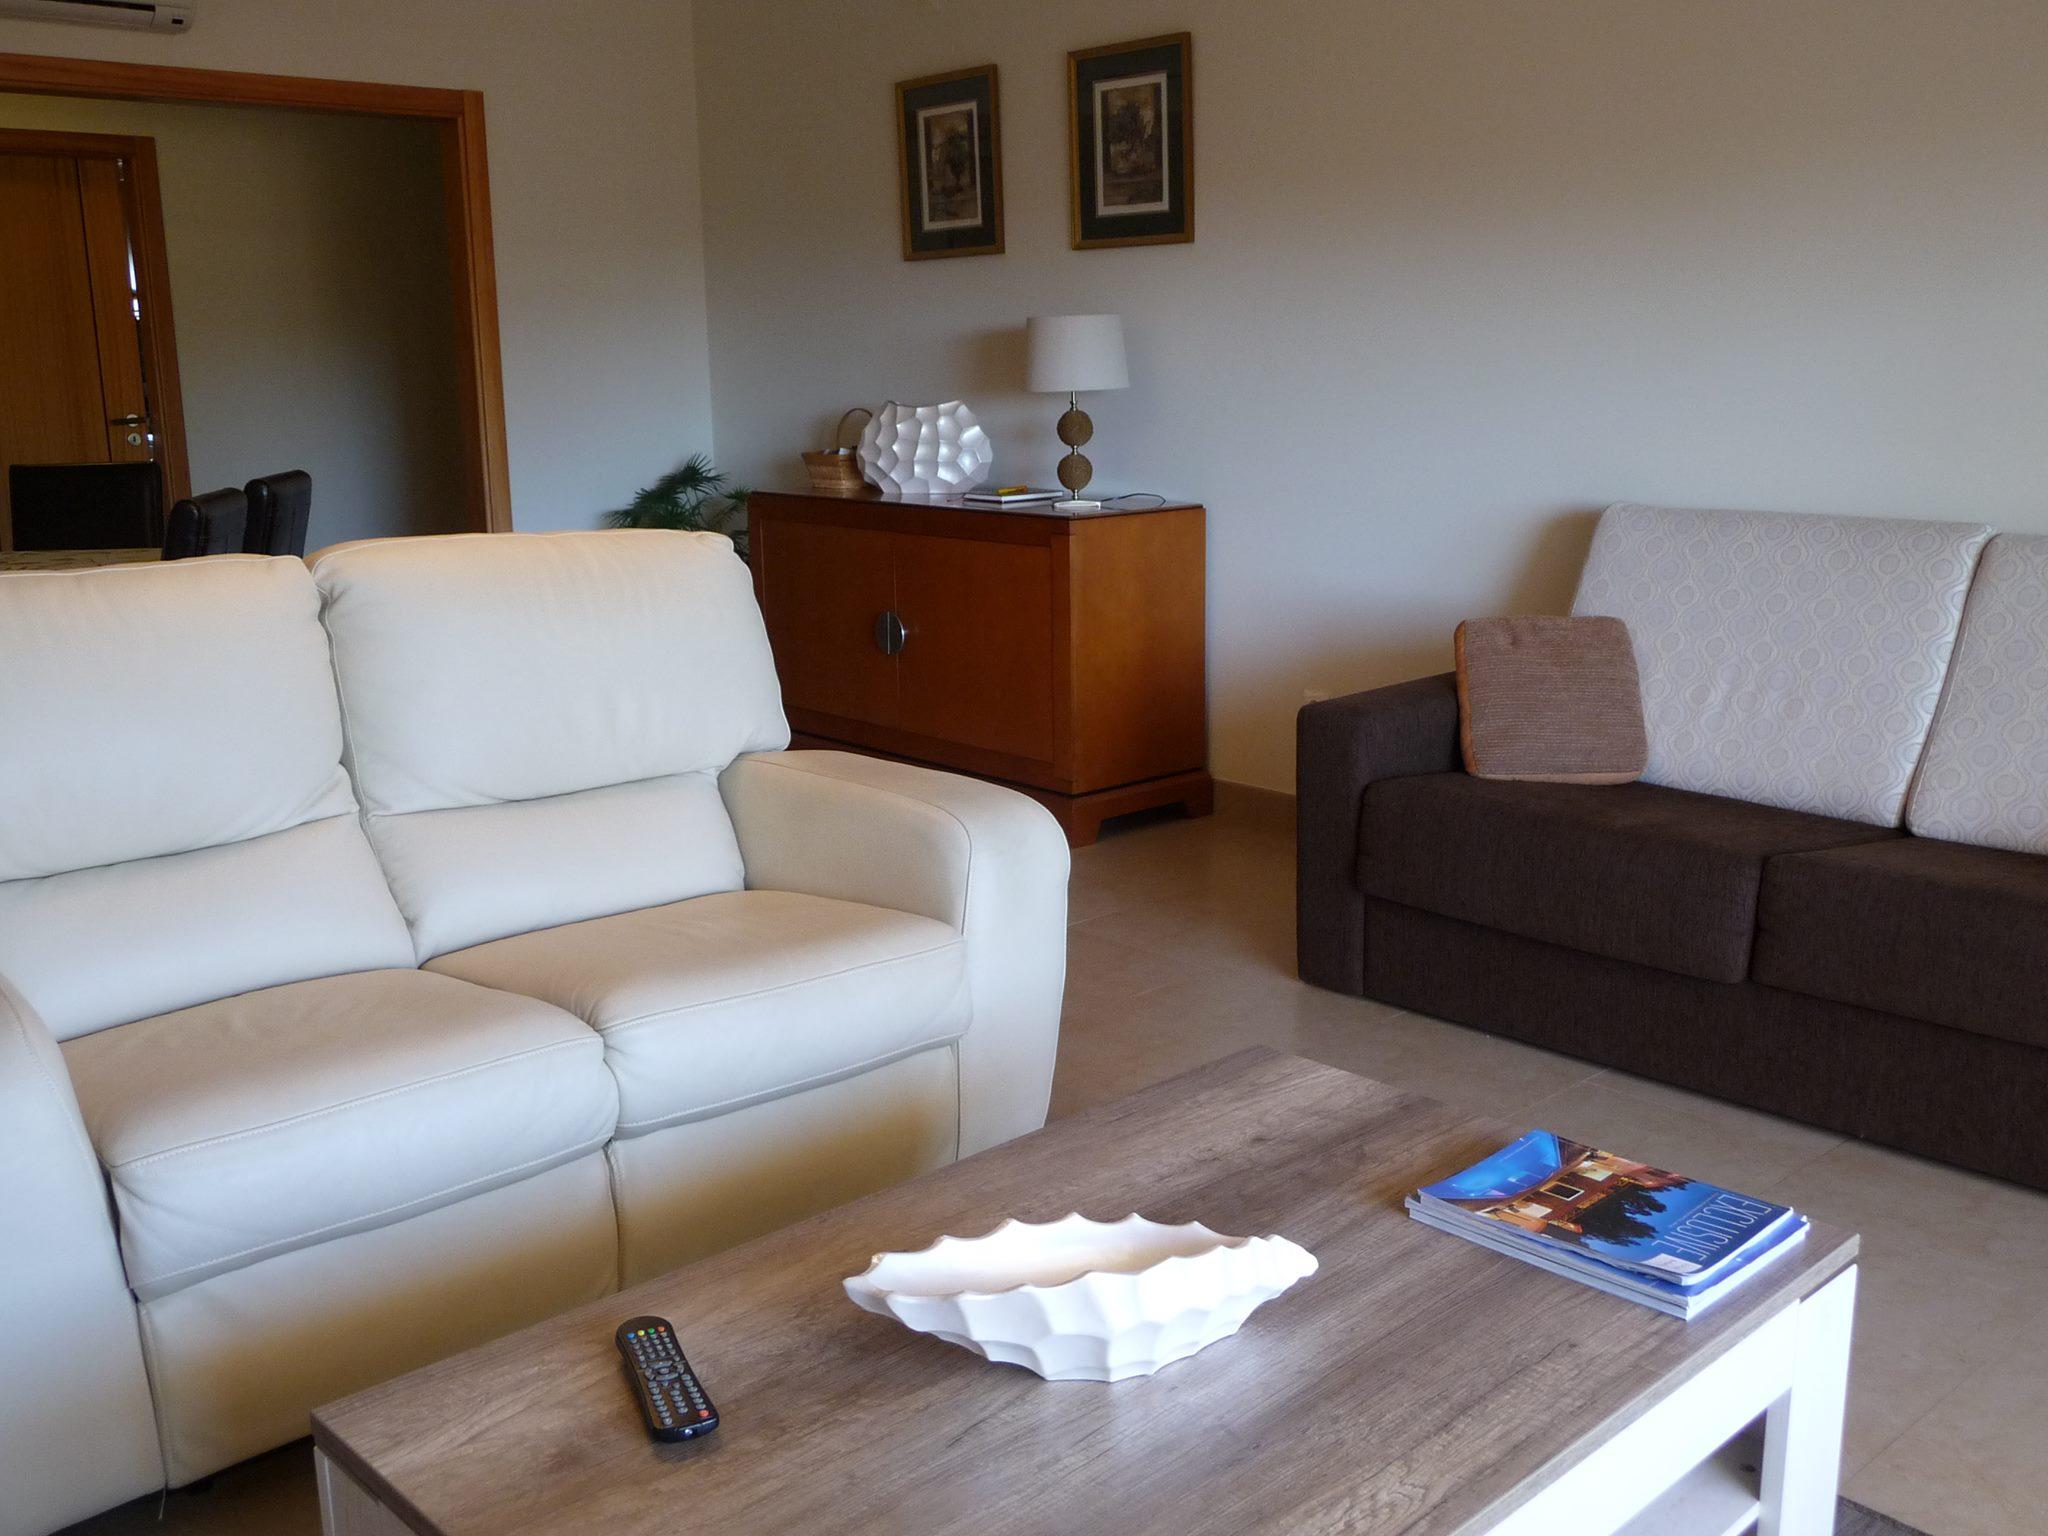 Location appartements et villas de vacance, ATLANTIDA Excellent Appartement à VILAMOURA à Vilamoura, Portugal Algarve, REF_IMG_648_723